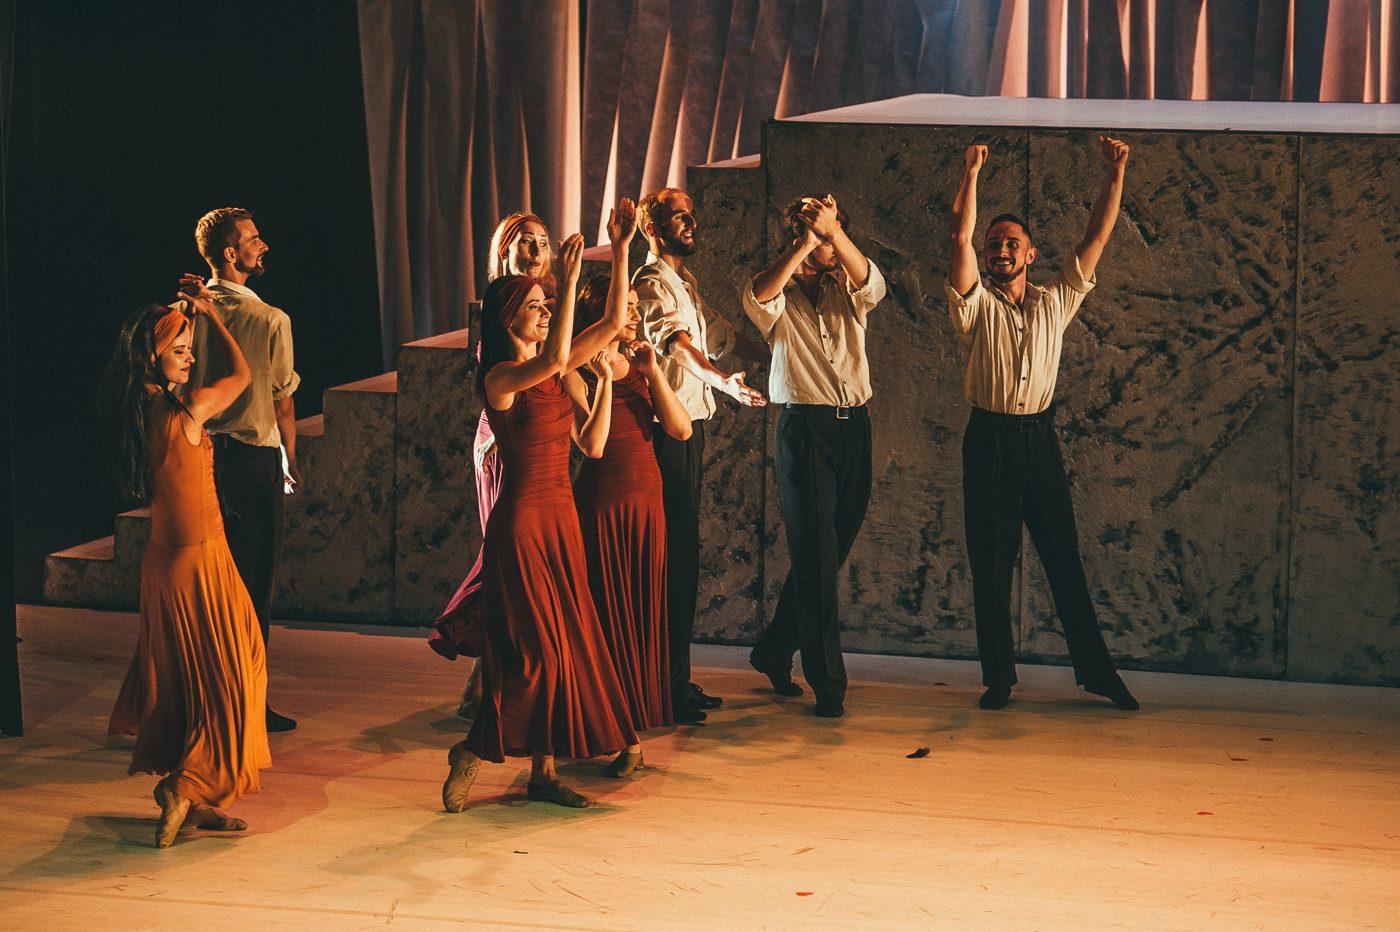 Premjera Zorba Muzikinis Teatras E.sabaliauskaite 038